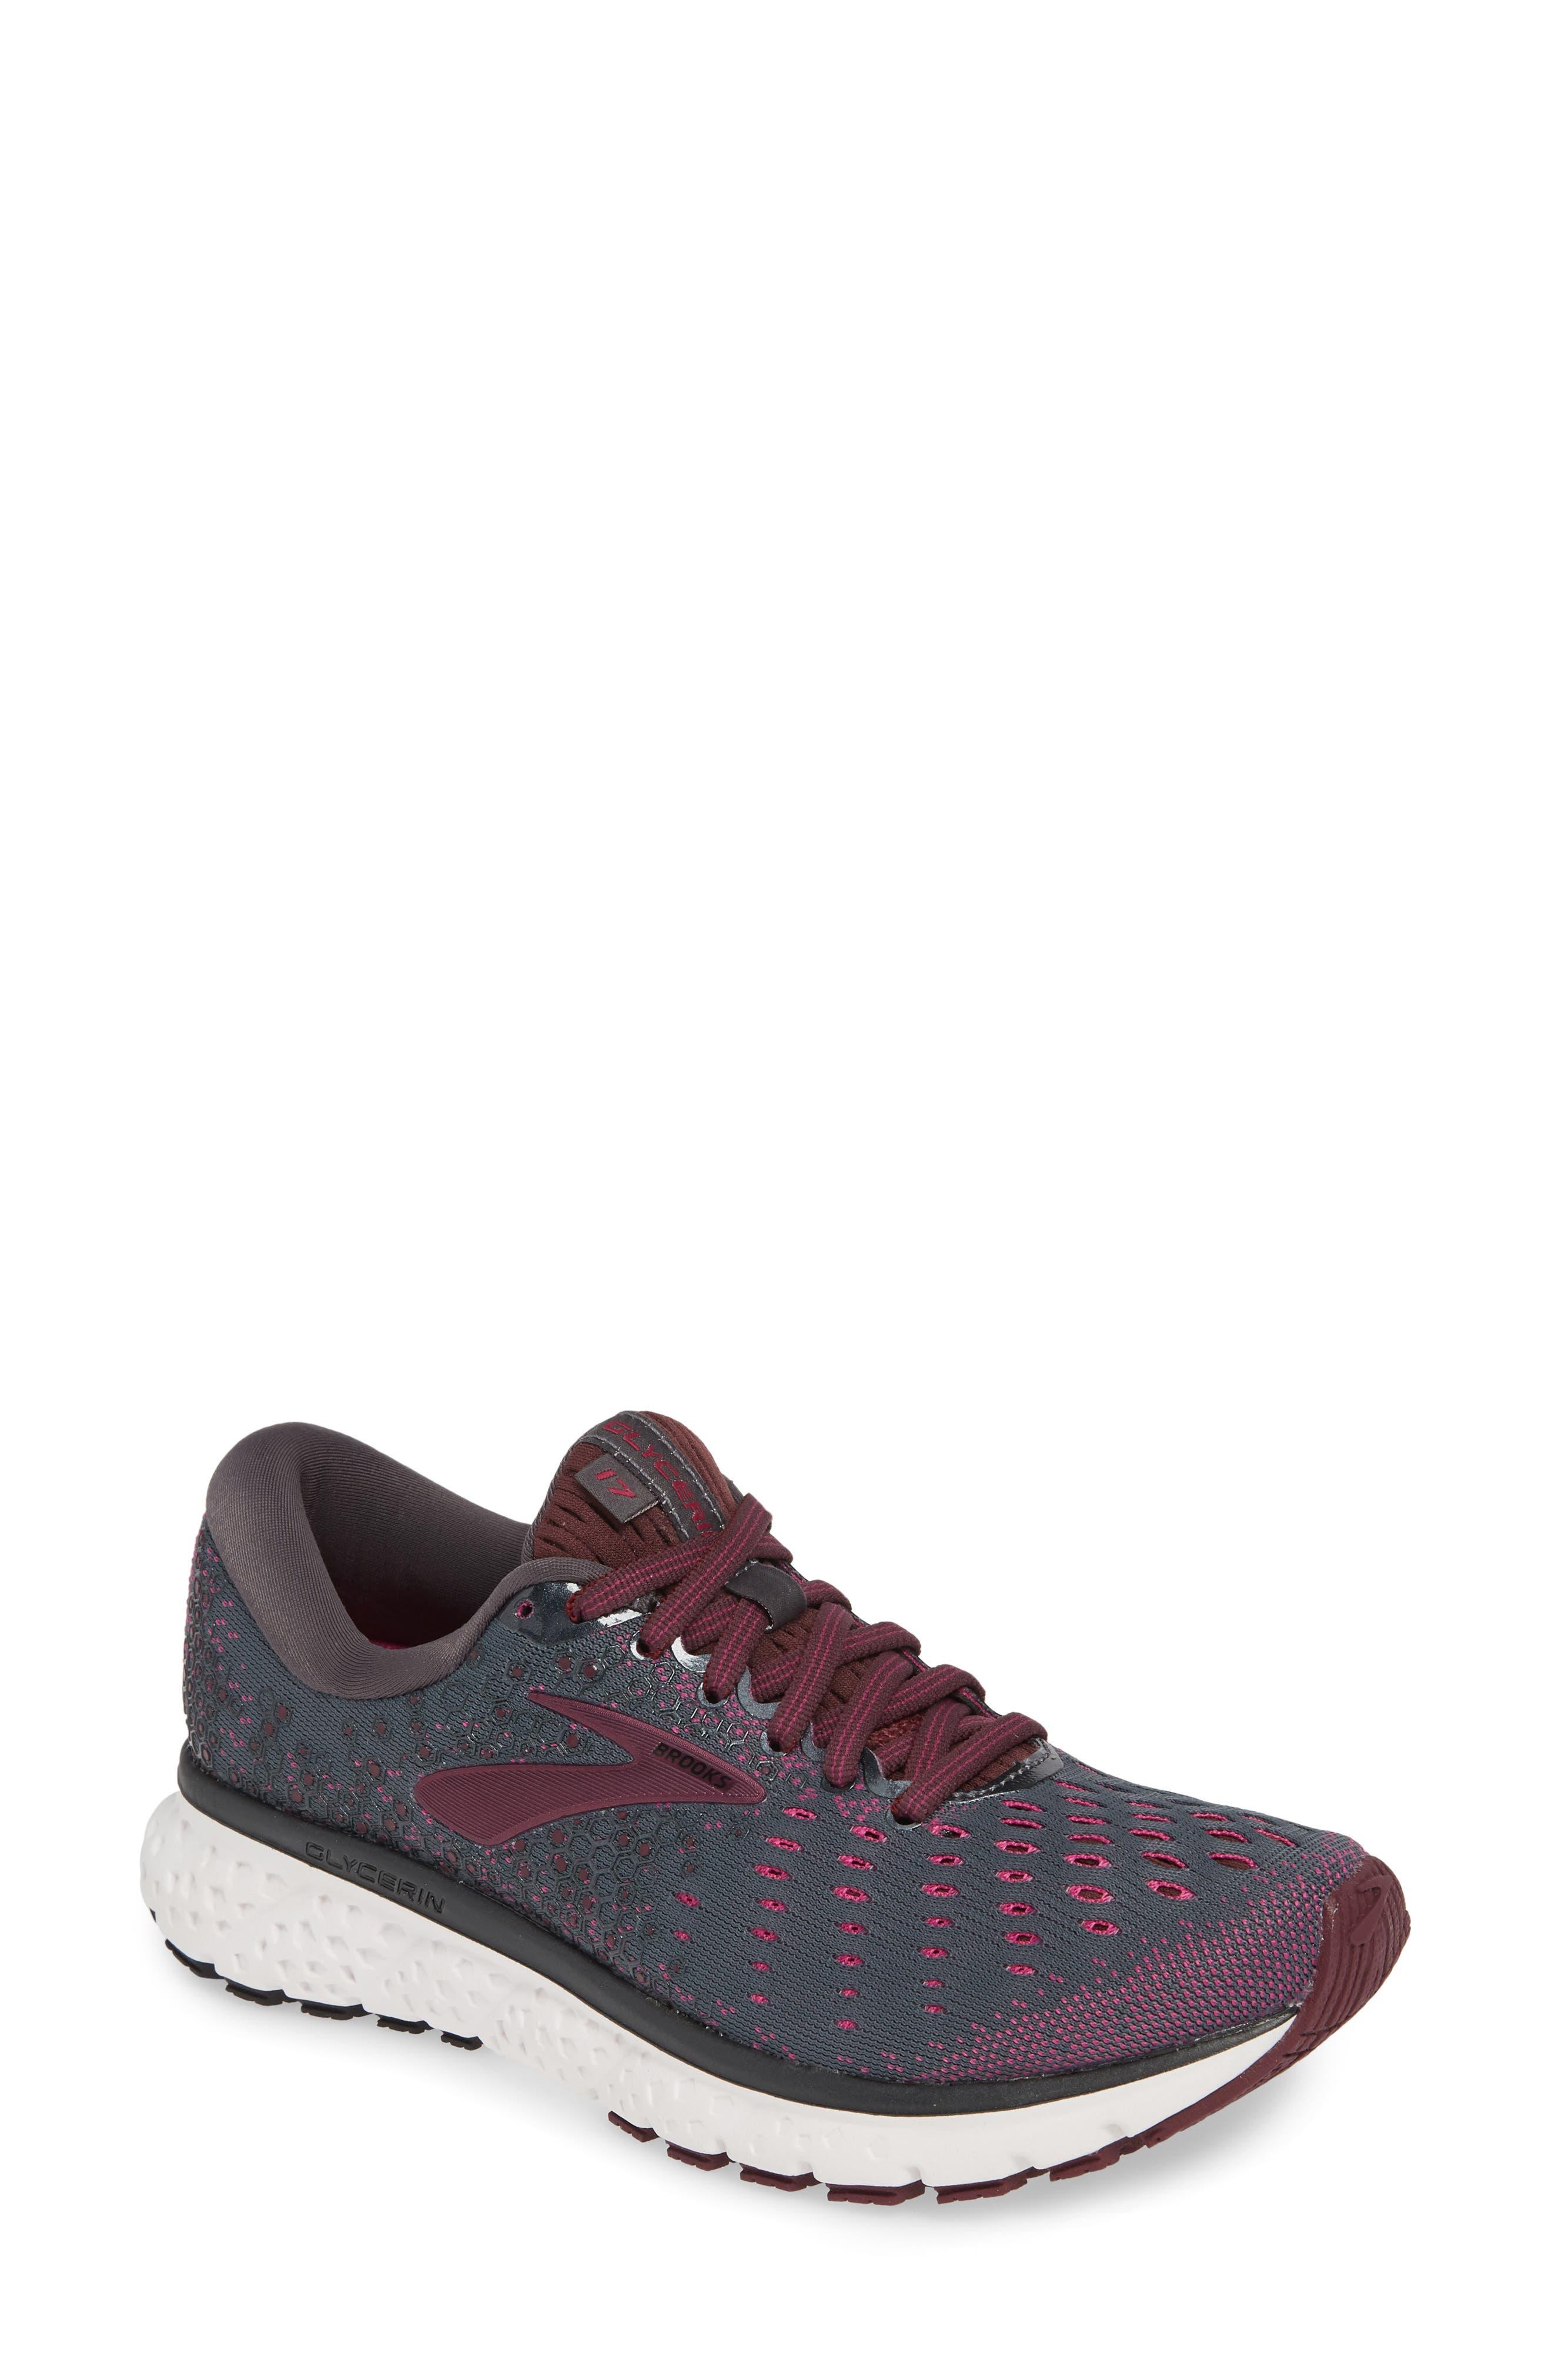 f4e3d4846 Women s Brooks Glycerin 17 Running Shoe